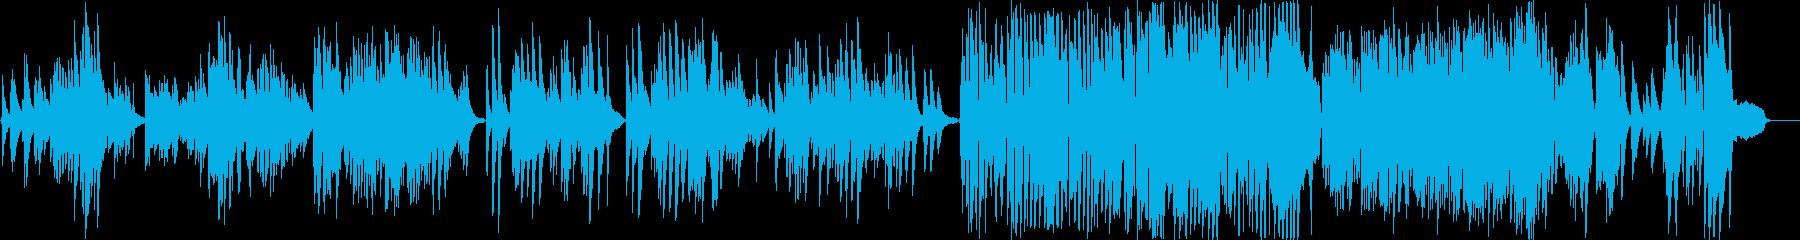 明度と透明度の高い幻想的なピアノソロ曲の再生済みの波形